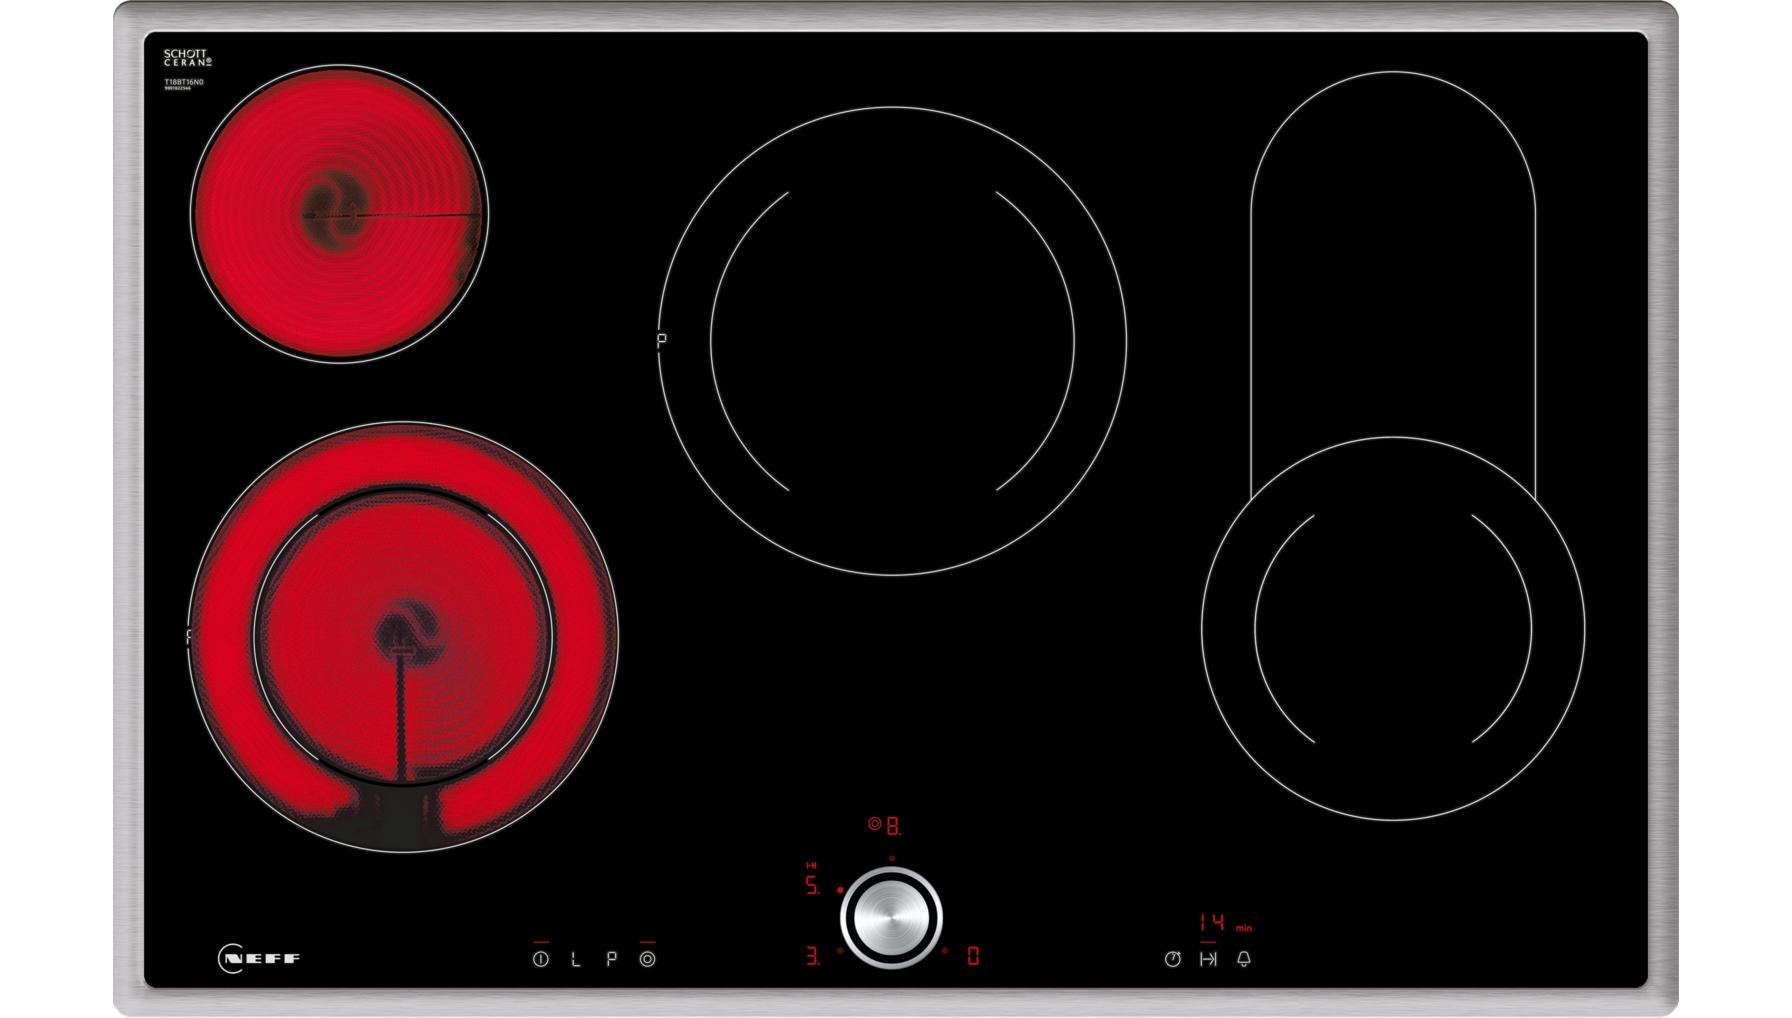 neff produkte kochfelder autarke elektro kochfelder t18bt16n0. Black Bedroom Furniture Sets. Home Design Ideas